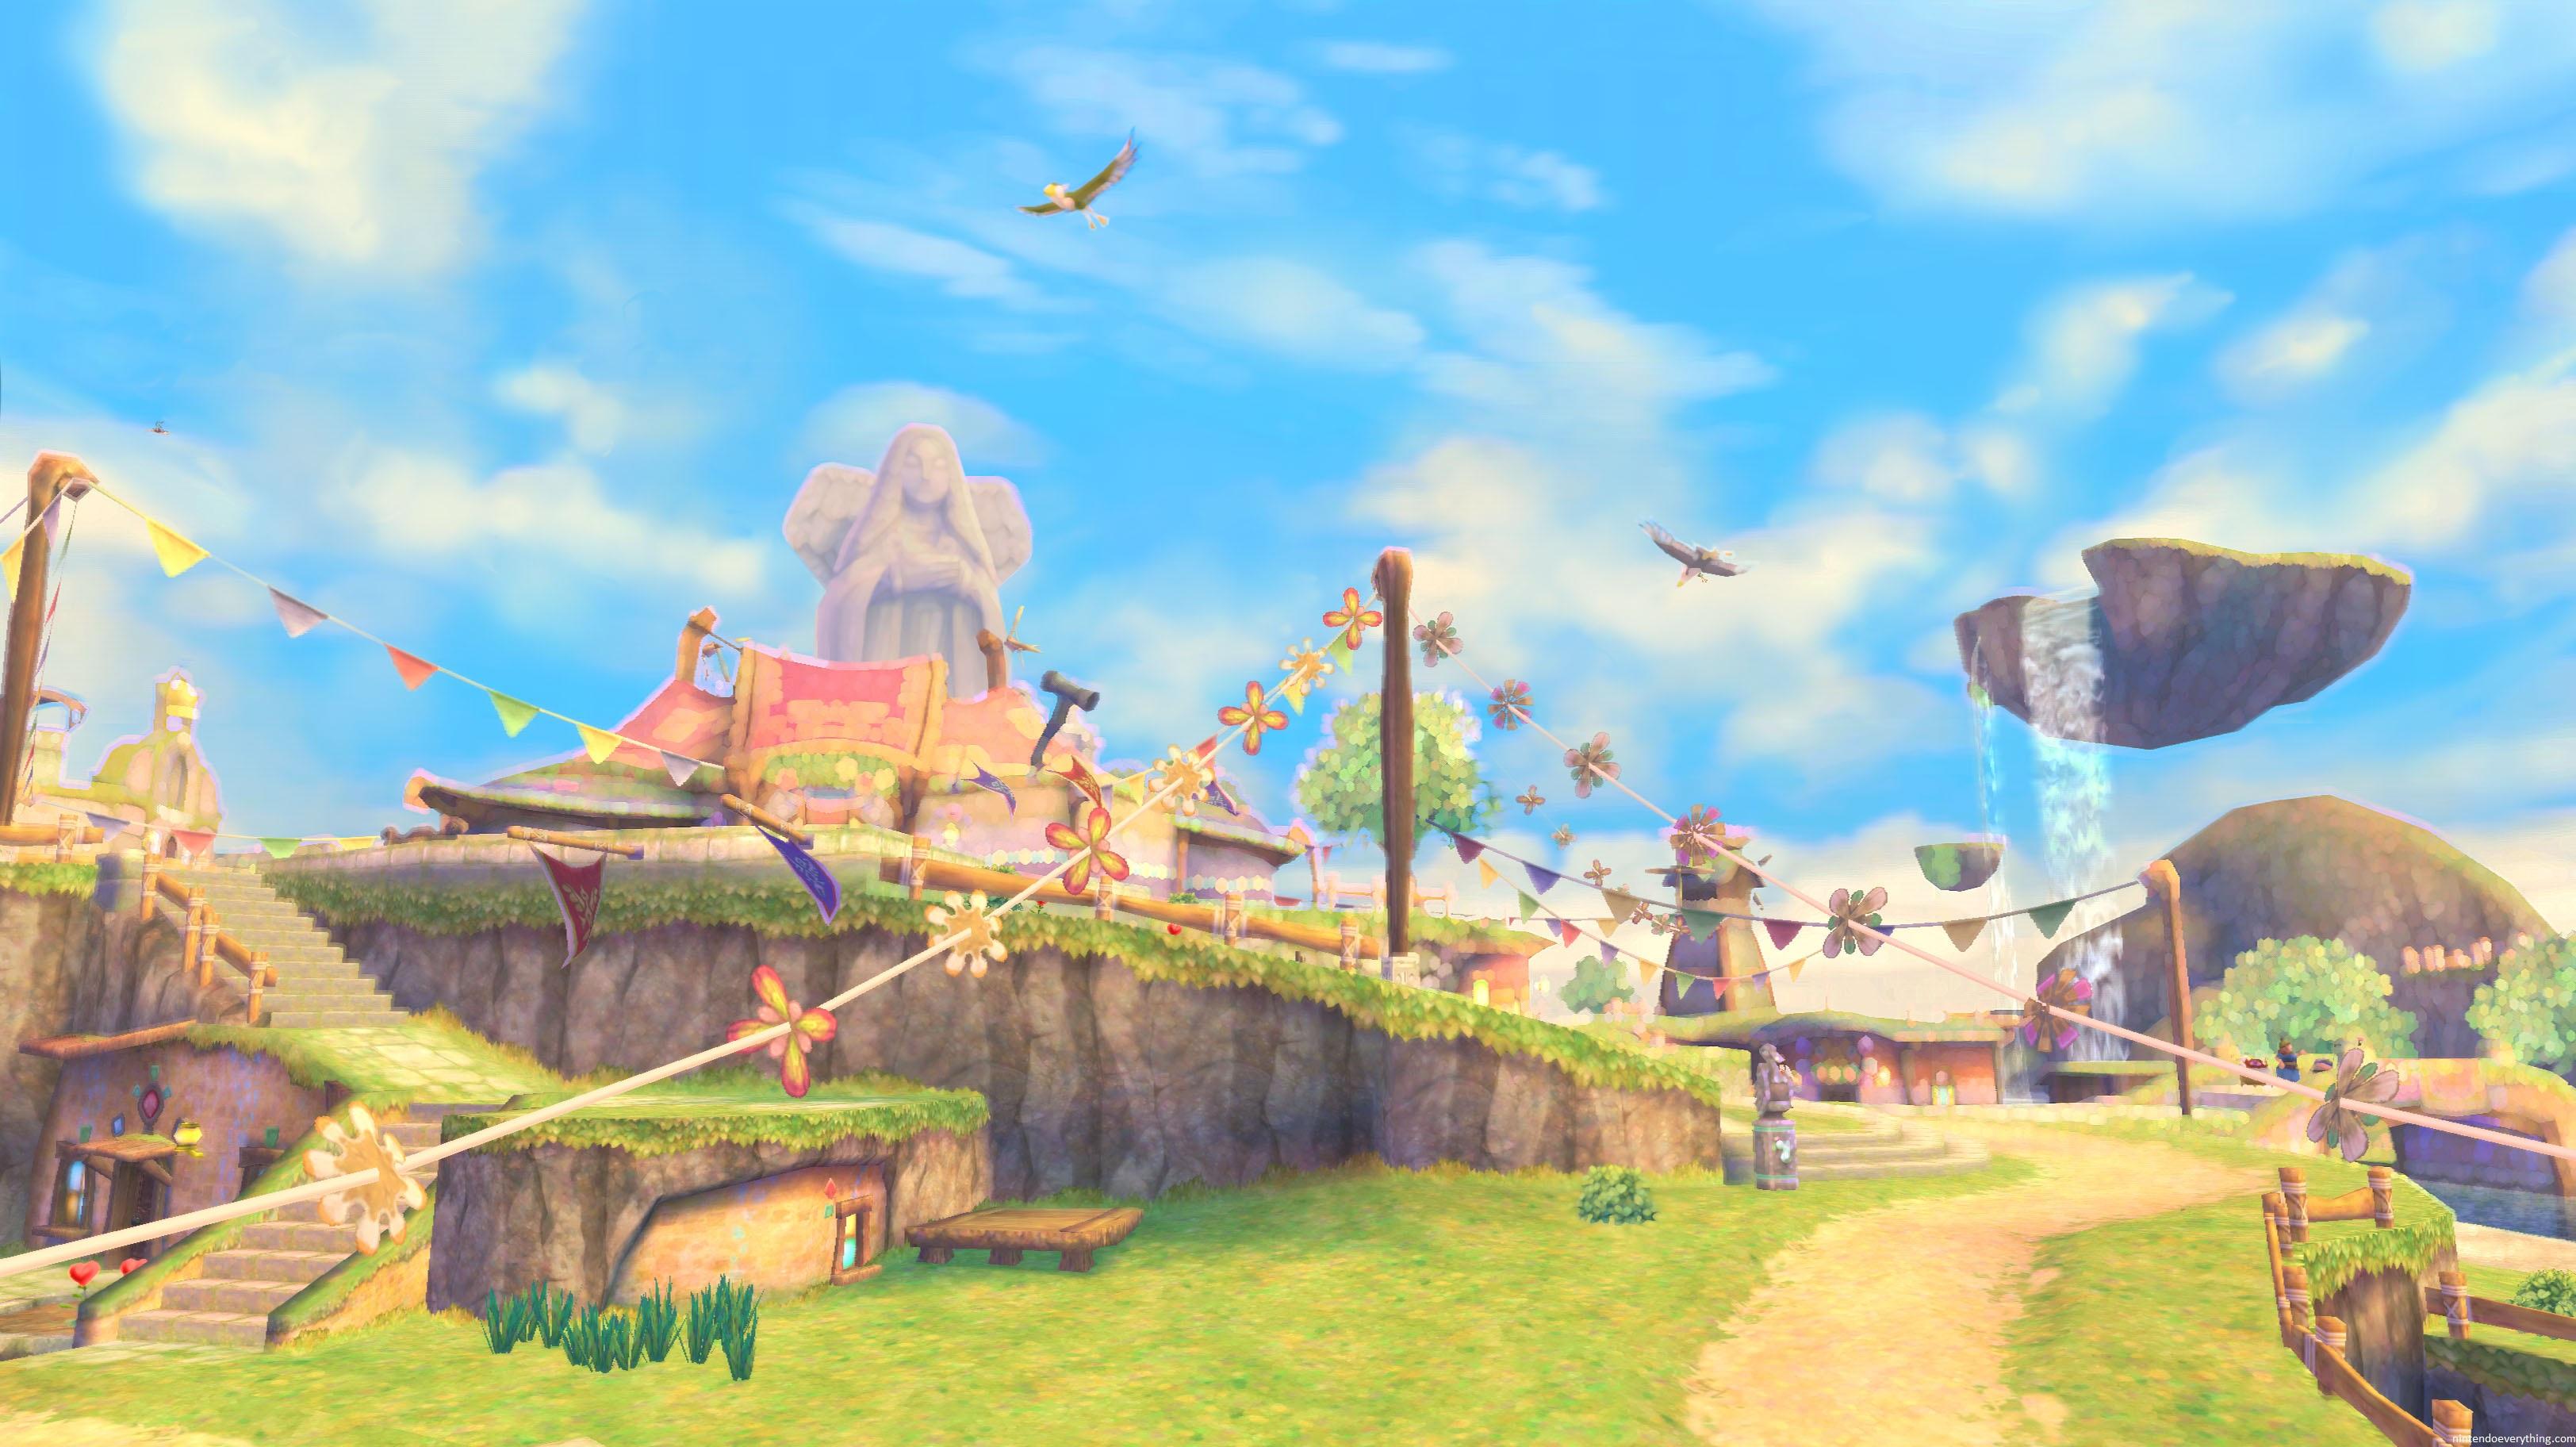 Top Wallpaper Home Screen Zelda - tumblr_static_242860  Trends_28143.jpg